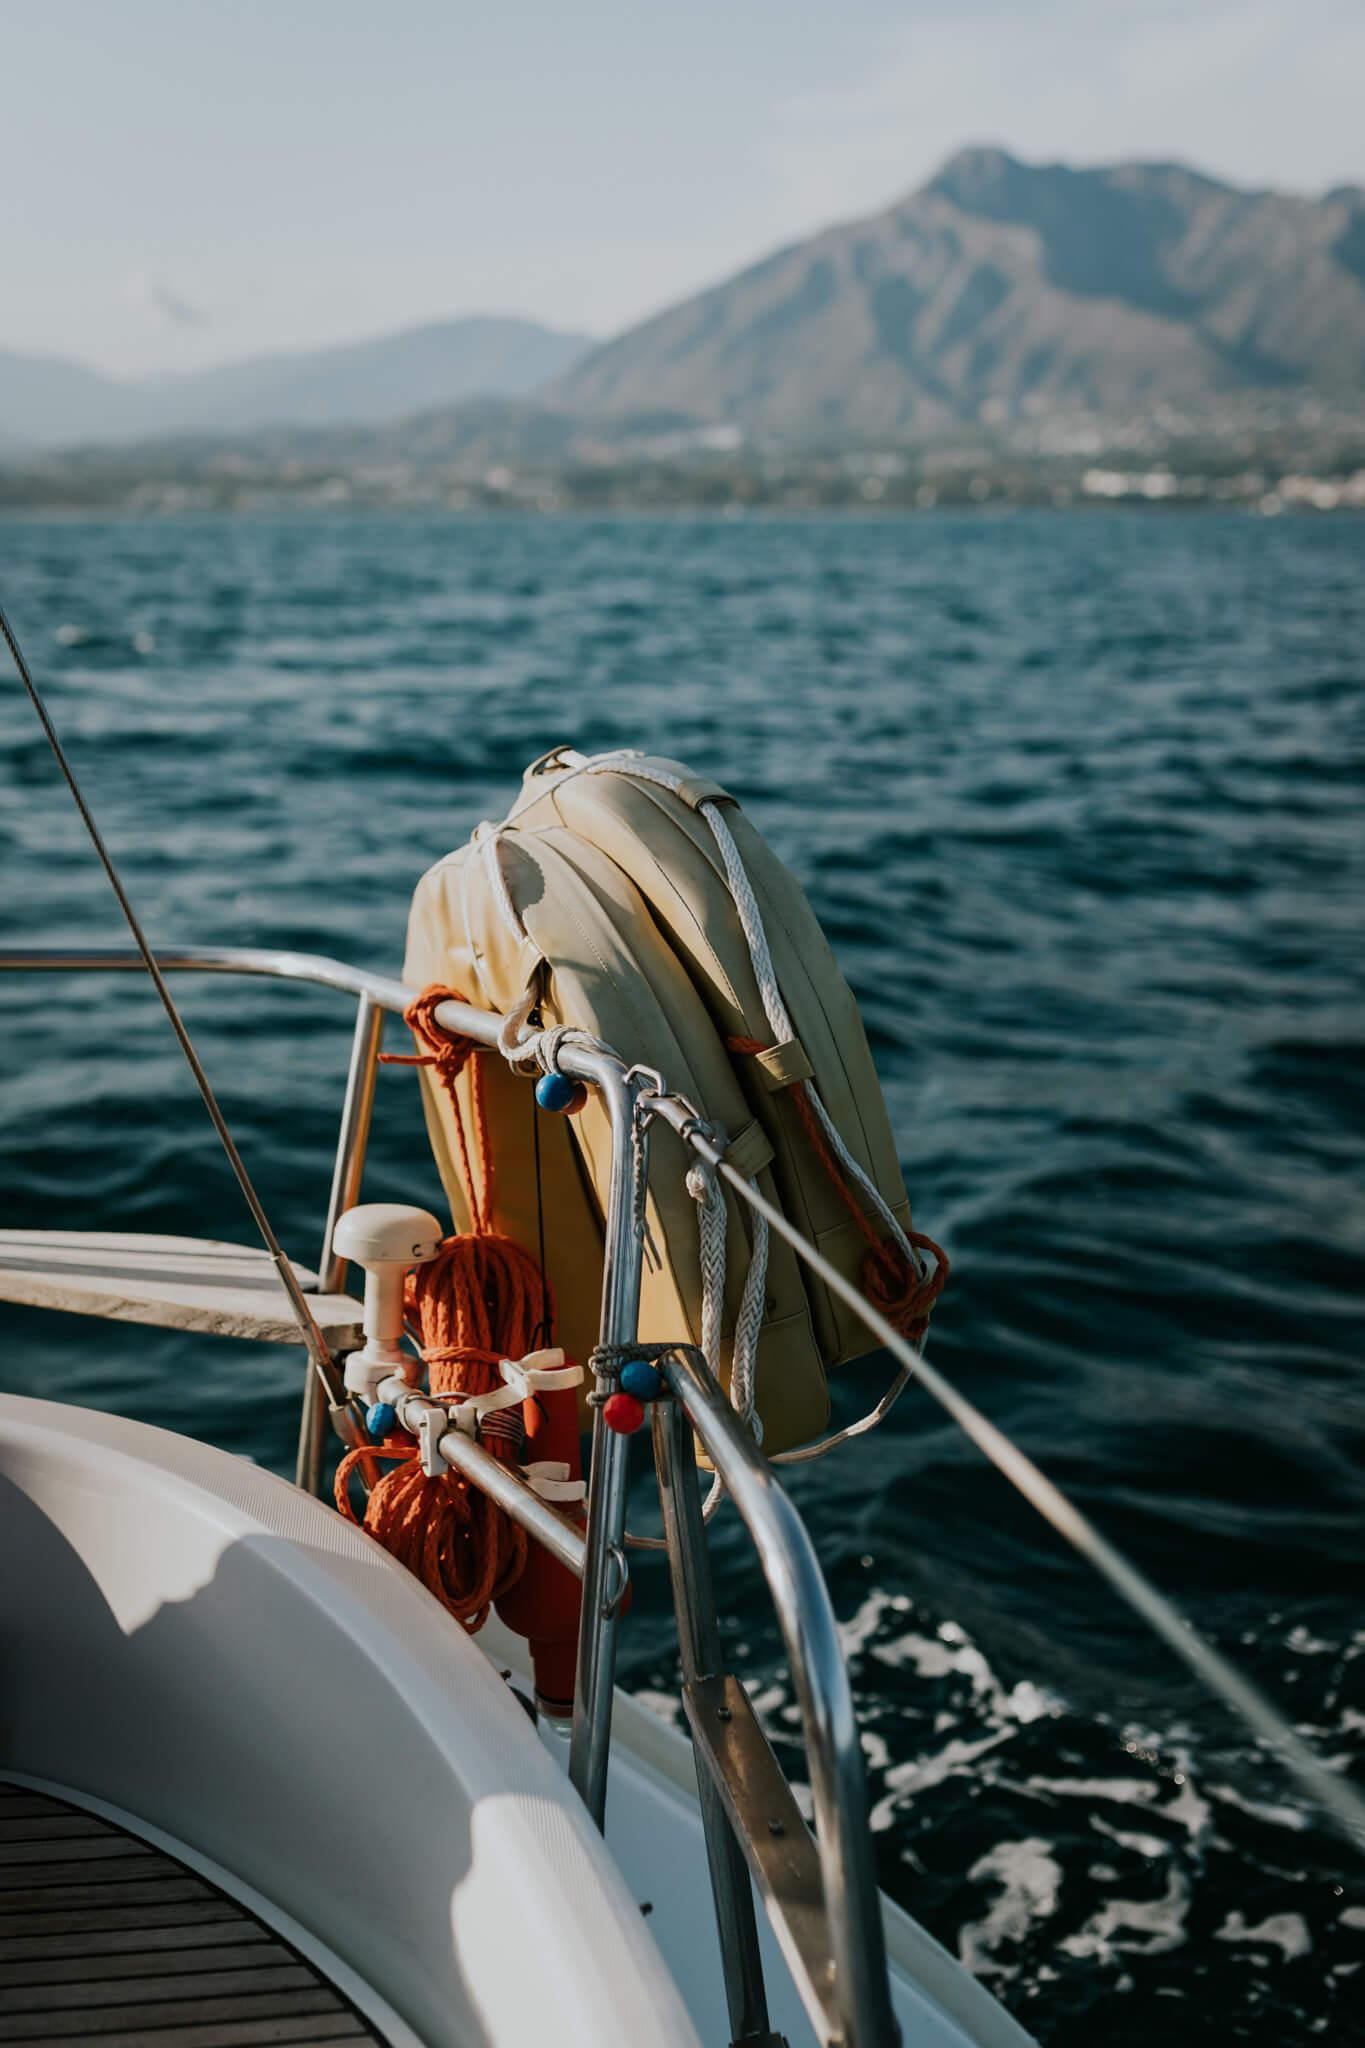 Spain-Travel-Photography-Natalie-Skoric-12.jpg